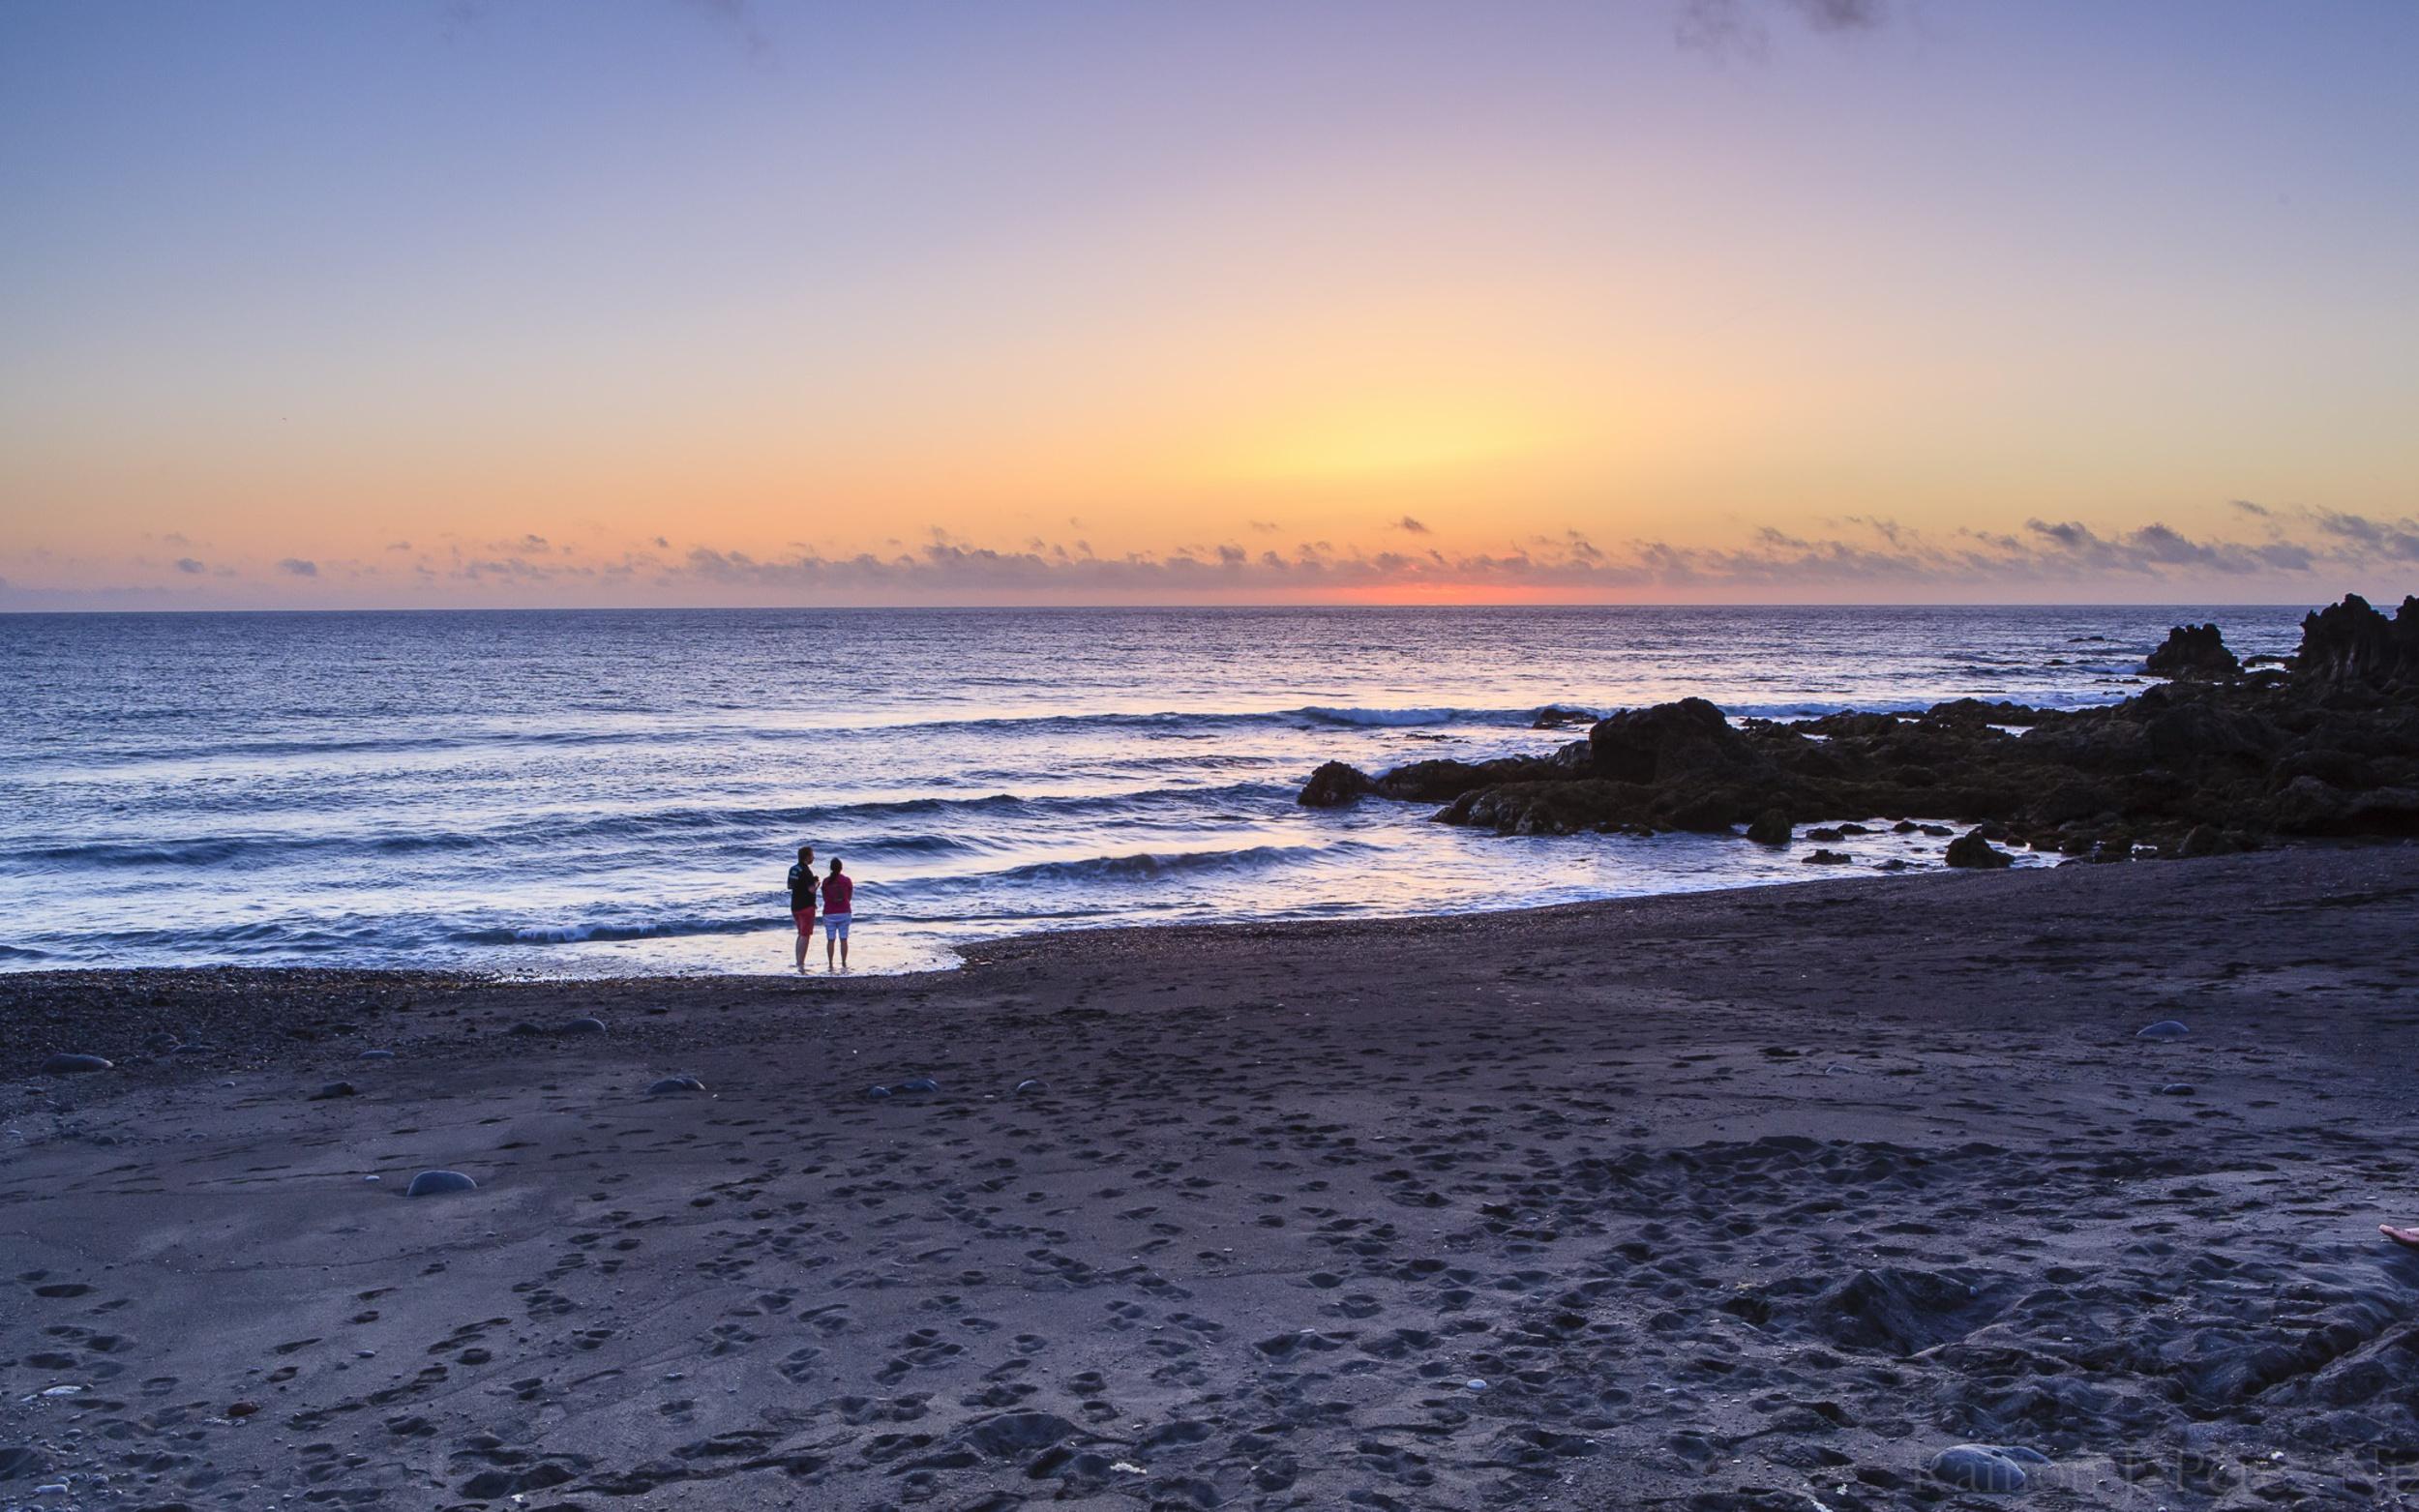 Atardecer en la playa de Montaña Bermeja, fotografía de Ramón Pérez Niz